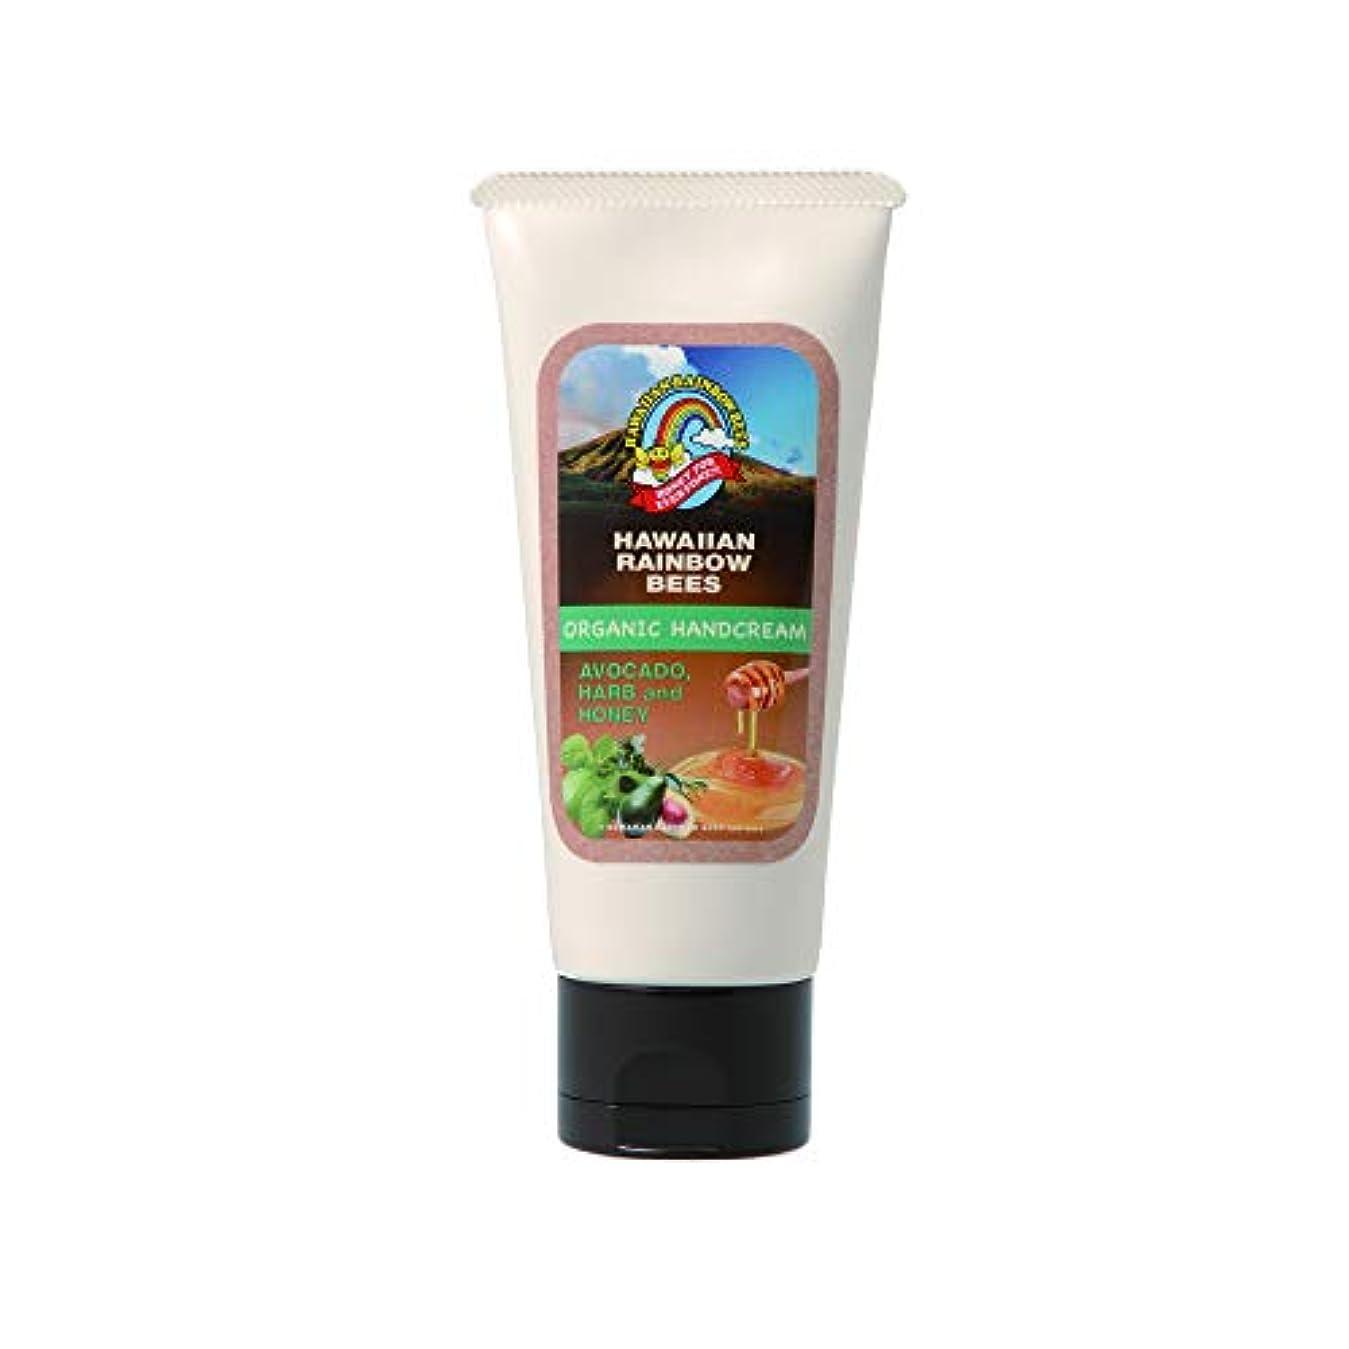 シリングサイトライン乳製品ハワイアンレインボービーズ オーガニックハンドクリーム AH 60g 72123041